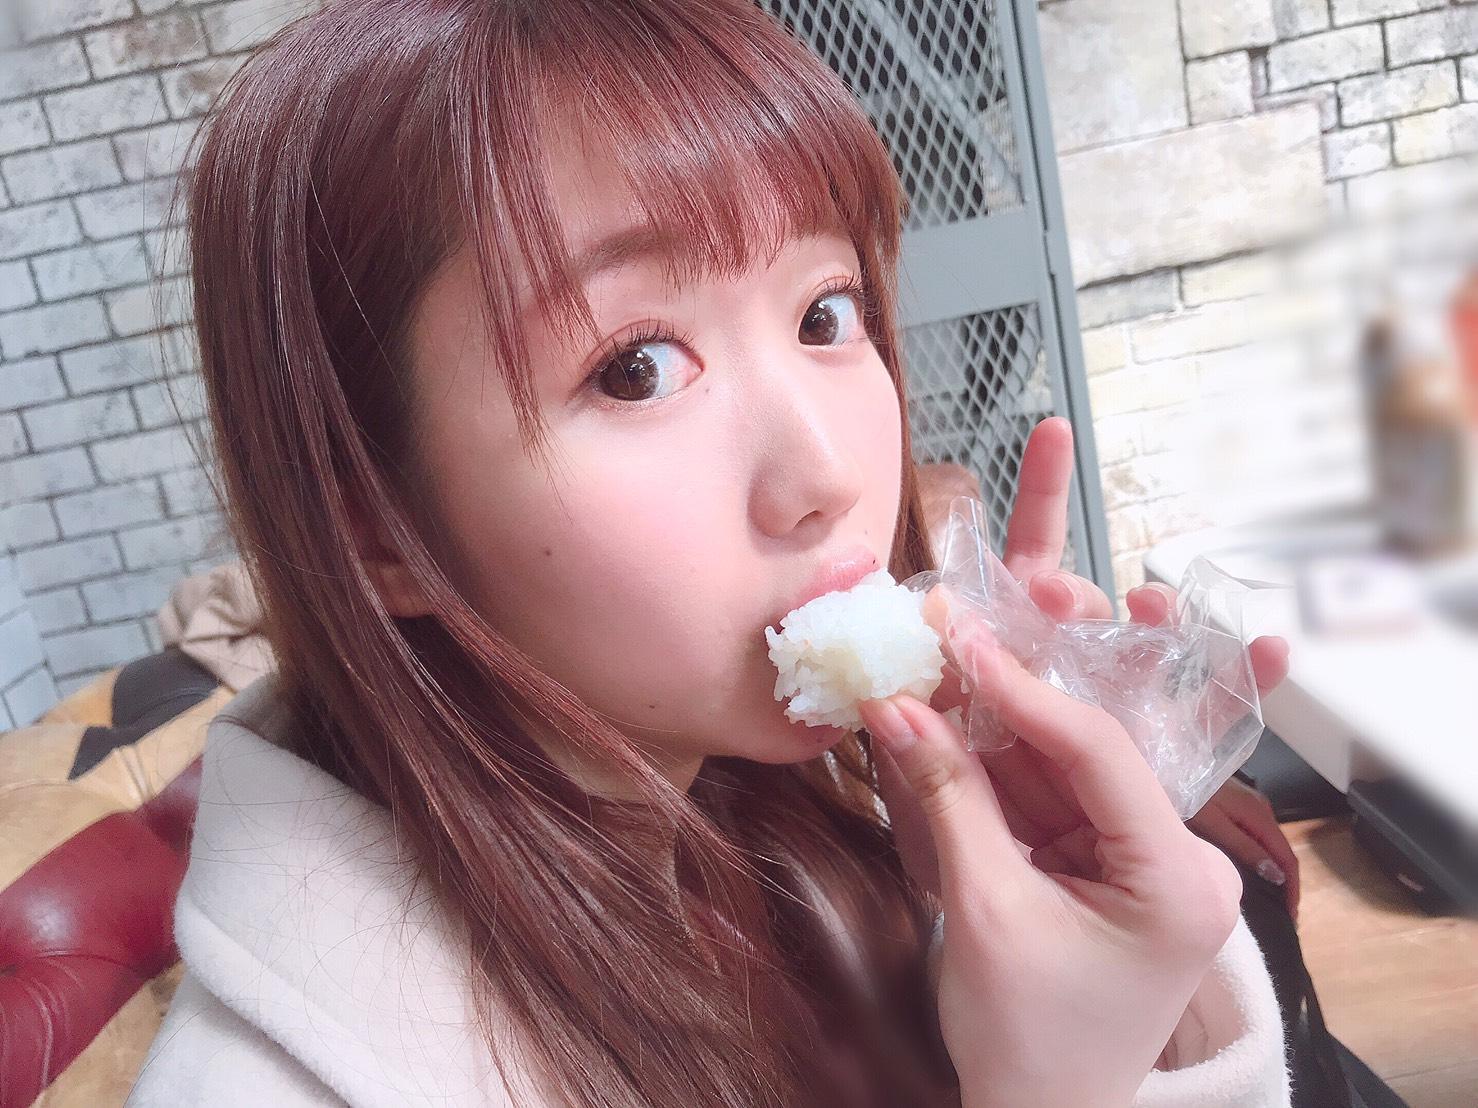 Di kelahiran berikutnya, aku ingin terlahir sebagai onigiri yang dimakan Mirinya.